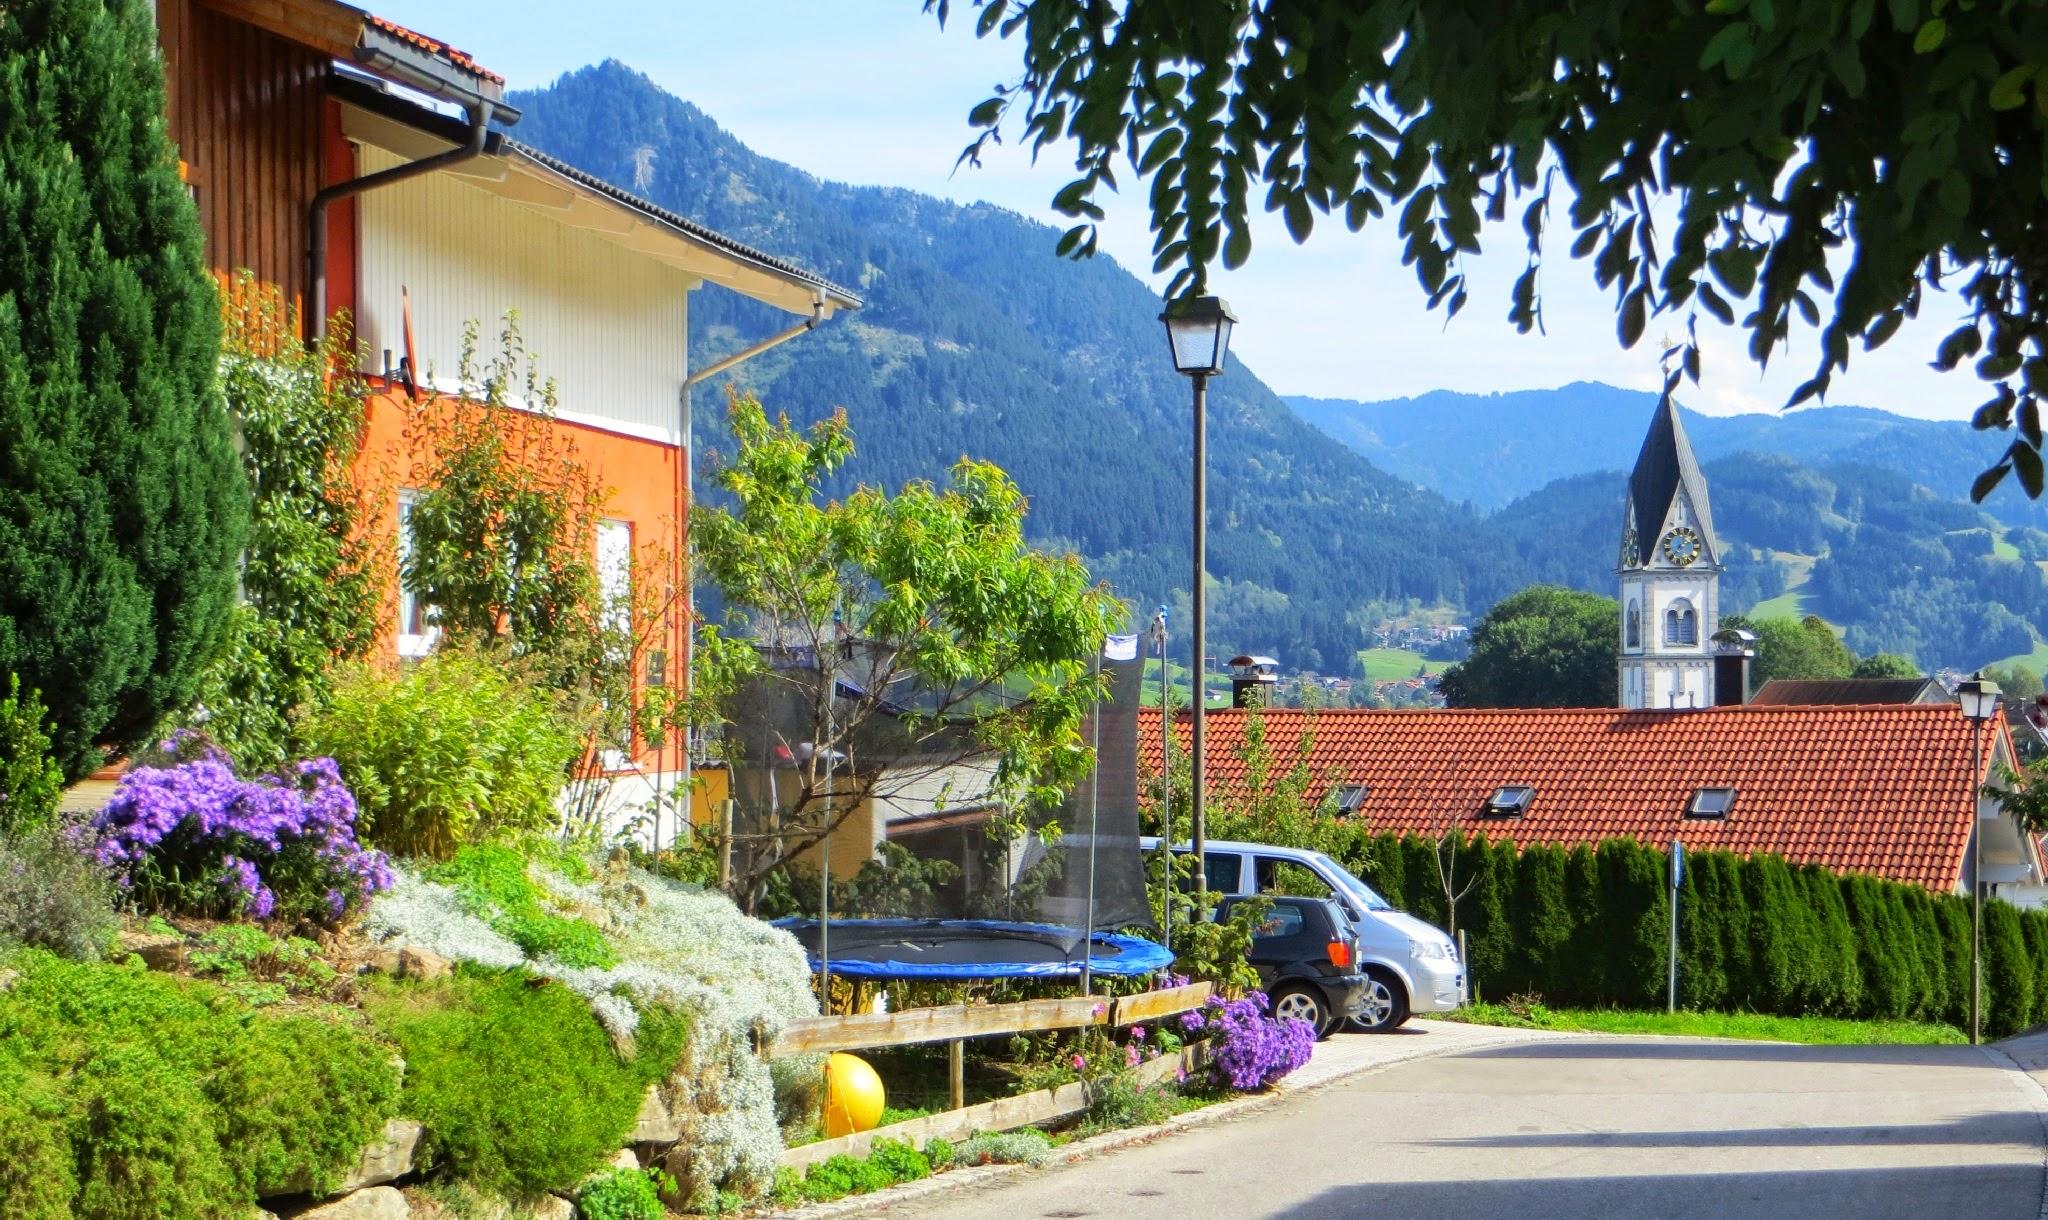 Photo: Blick am Wendepunkt Am Scheibenbach Blick auf das Burgberger Hörnle Spazieren: https://pagewizz.com/blaichach-spazieren-im-allgau-35033/